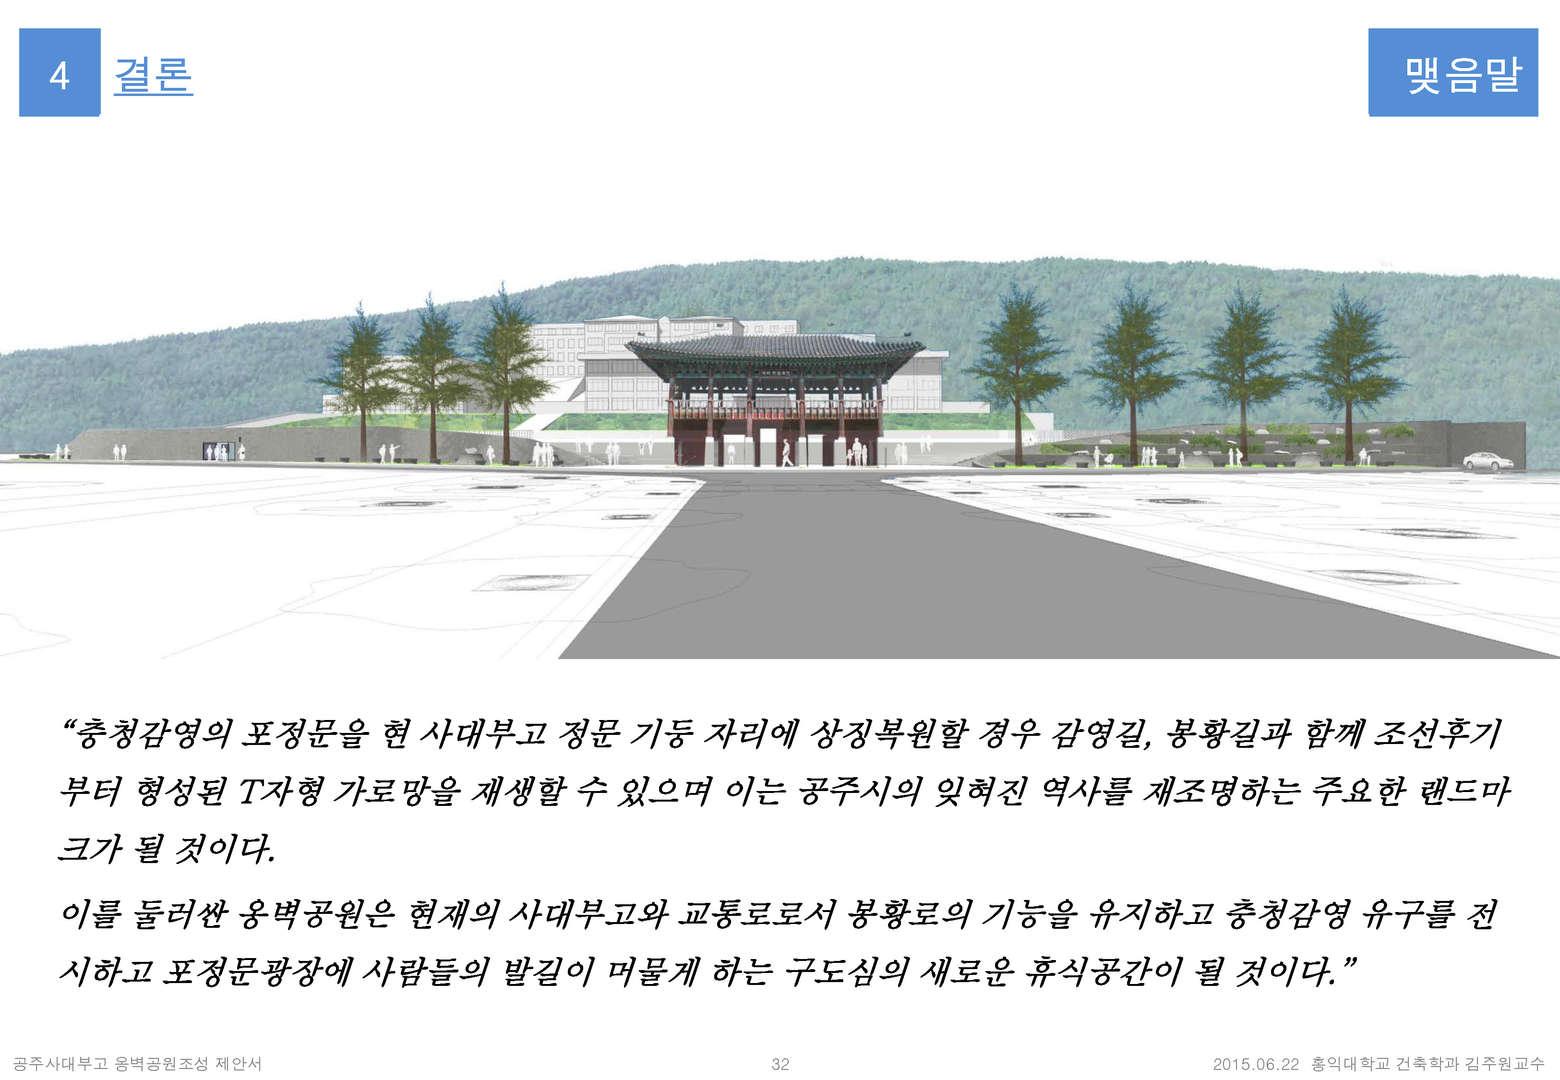 공주사대부고옹벽공원조성제안서4_페이지_32.jpg